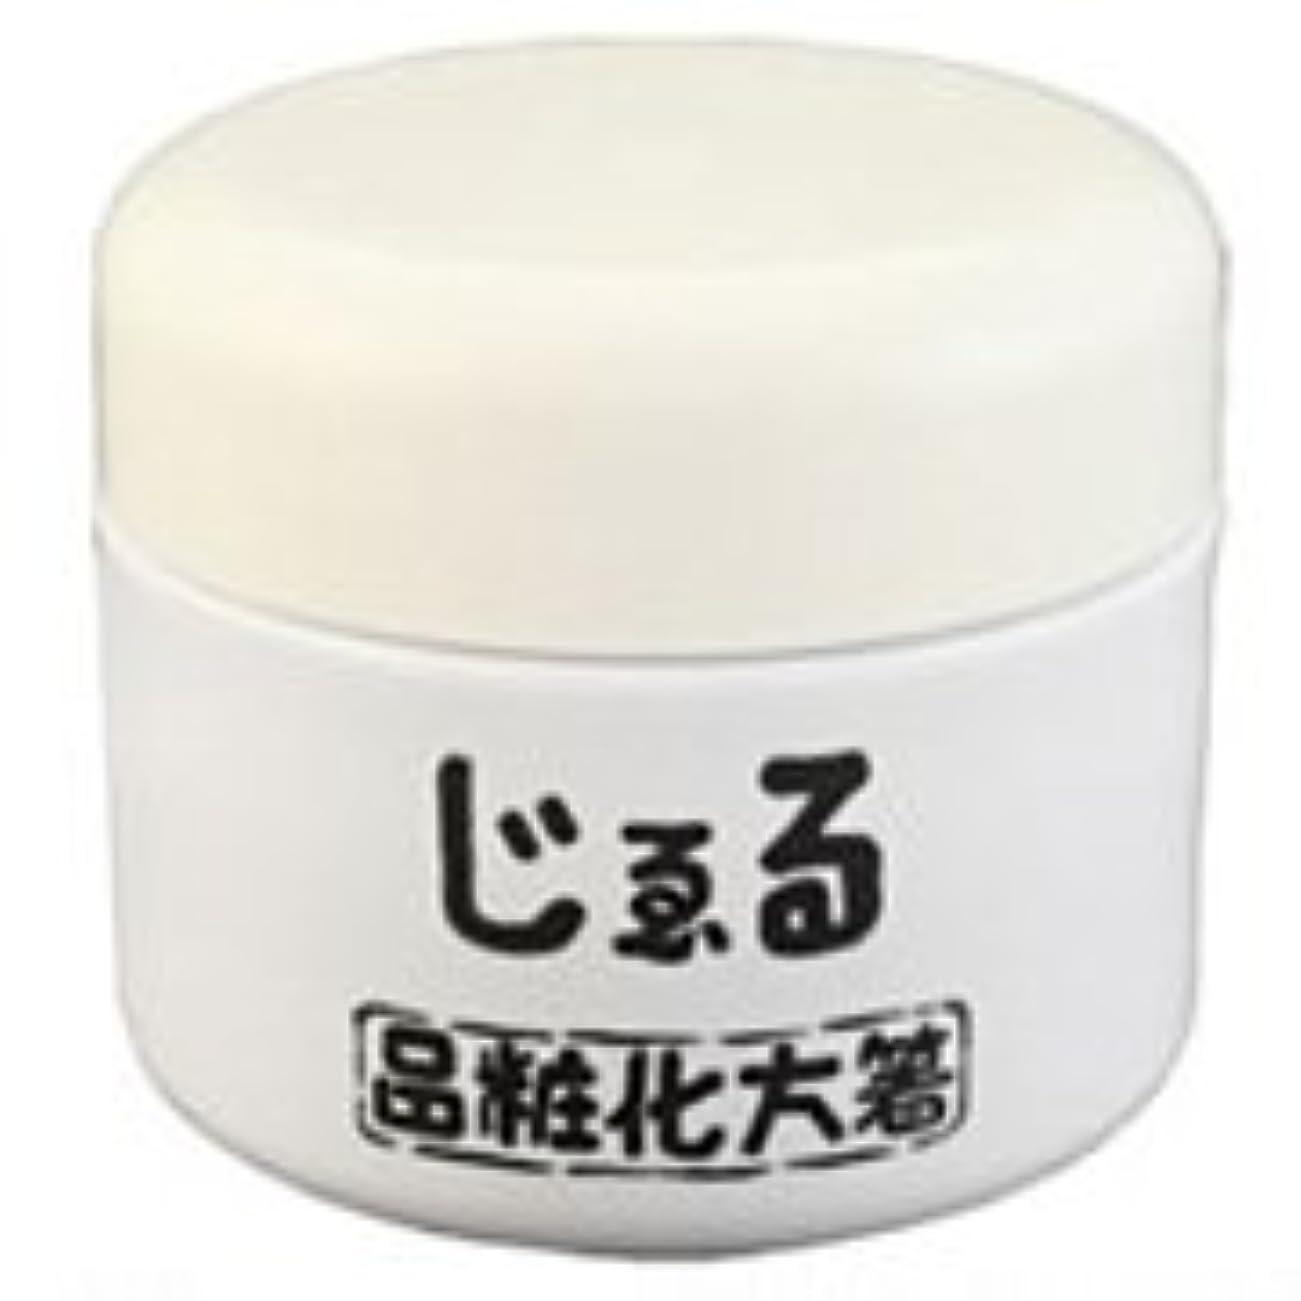 放射能プーノ世界的に[箸方化粧品] じぇる 38g はしかた化粧品